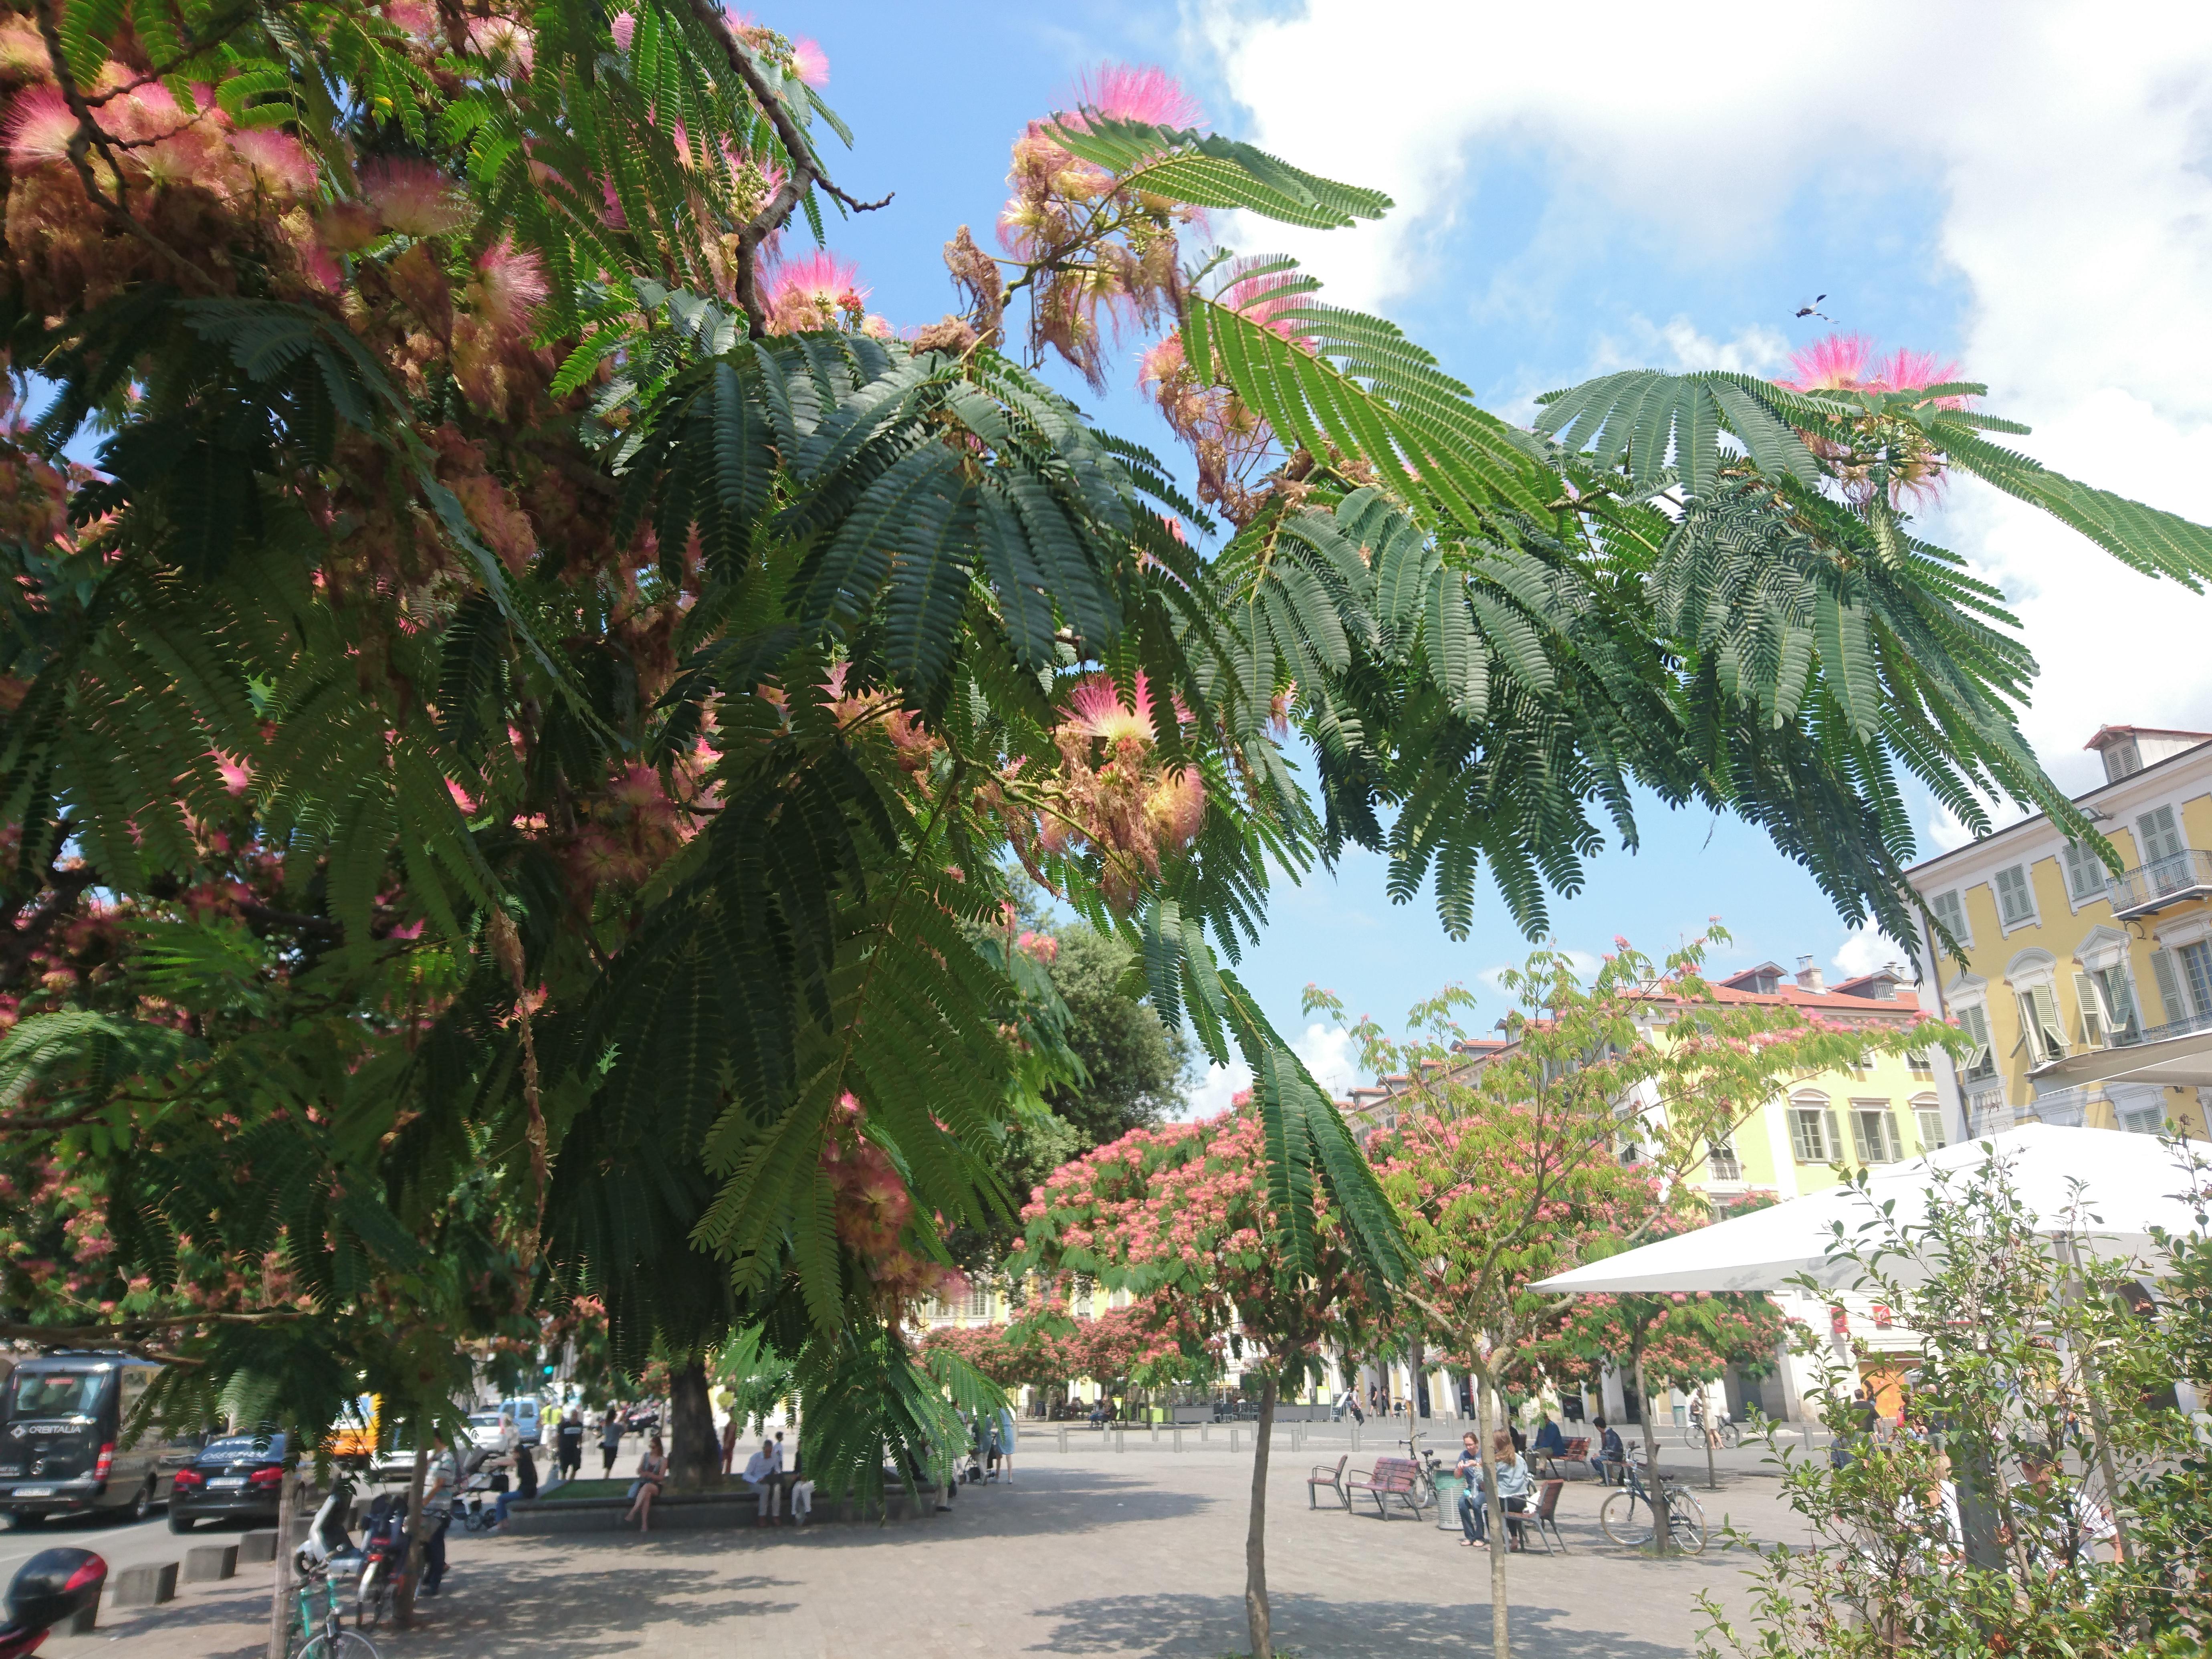 MÉTÉO Quel temps à Nice ce mercredi 27 juin ?